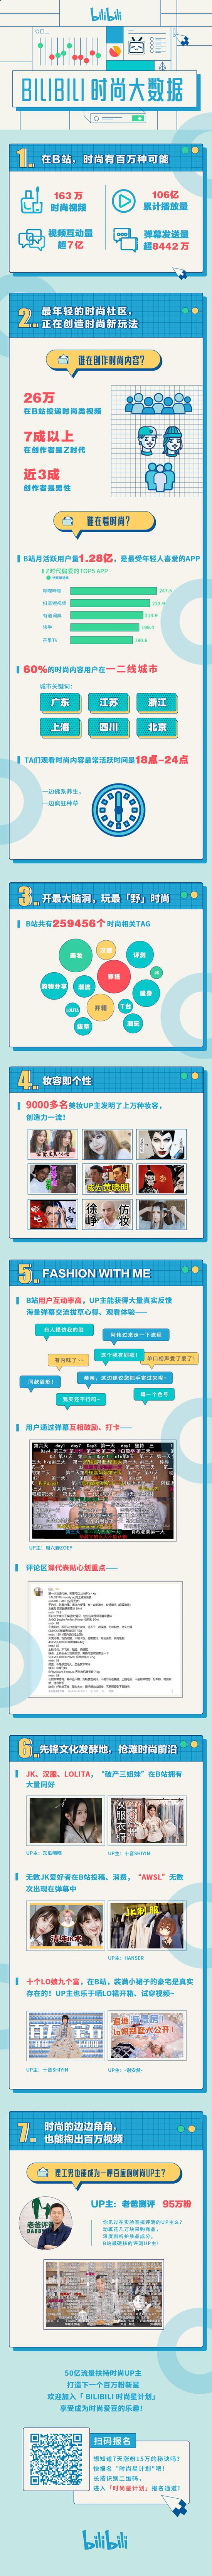 B站公布时尚星计划二期内容 以50亿流量打造时尚爱豆